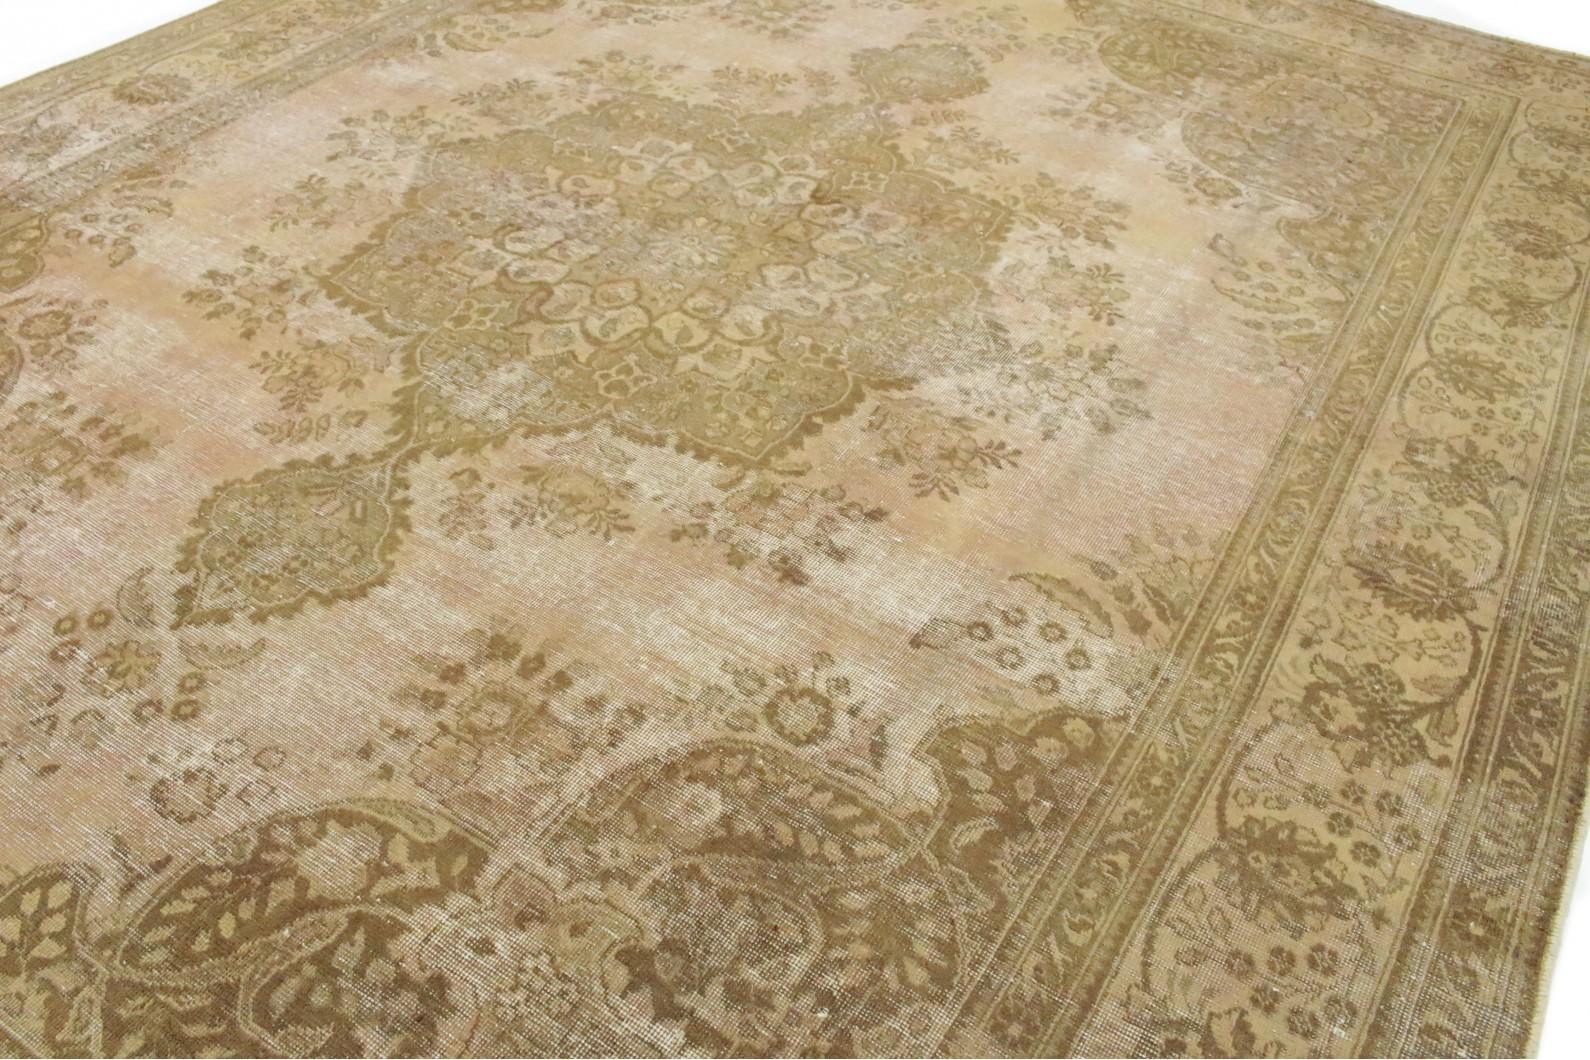 vintage teppich braun beige rosa in 390x300cm 1001 2467 bei kaufen. Black Bedroom Furniture Sets. Home Design Ideas